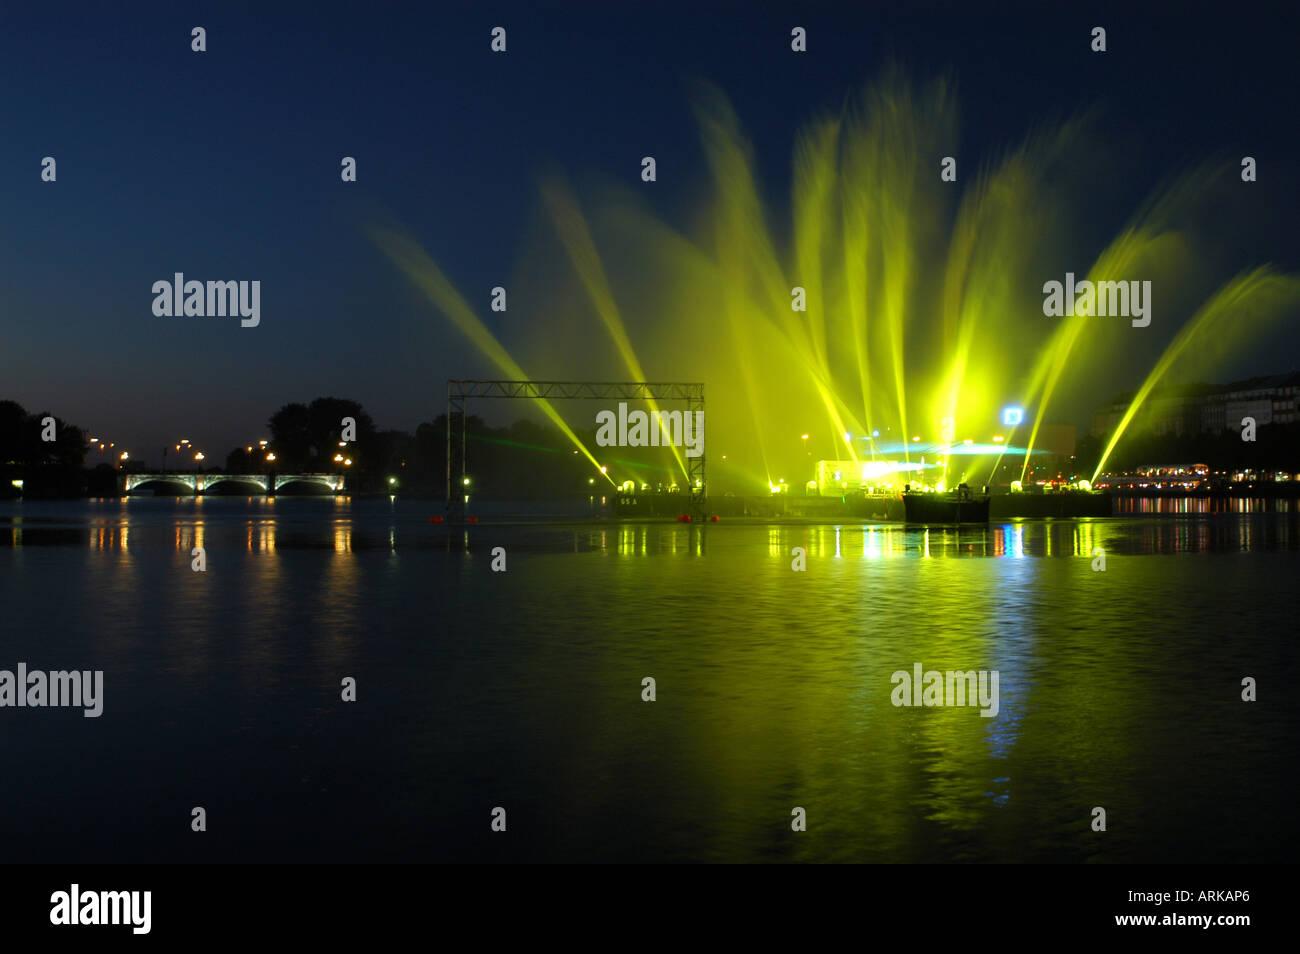 """Wunderschöne Wasser, Licht und Laser-Show am See Binnenalster während der Fußball-WM 2006. Auf der linken Seite der Brücke """"Lombardsbr Stockbild"""